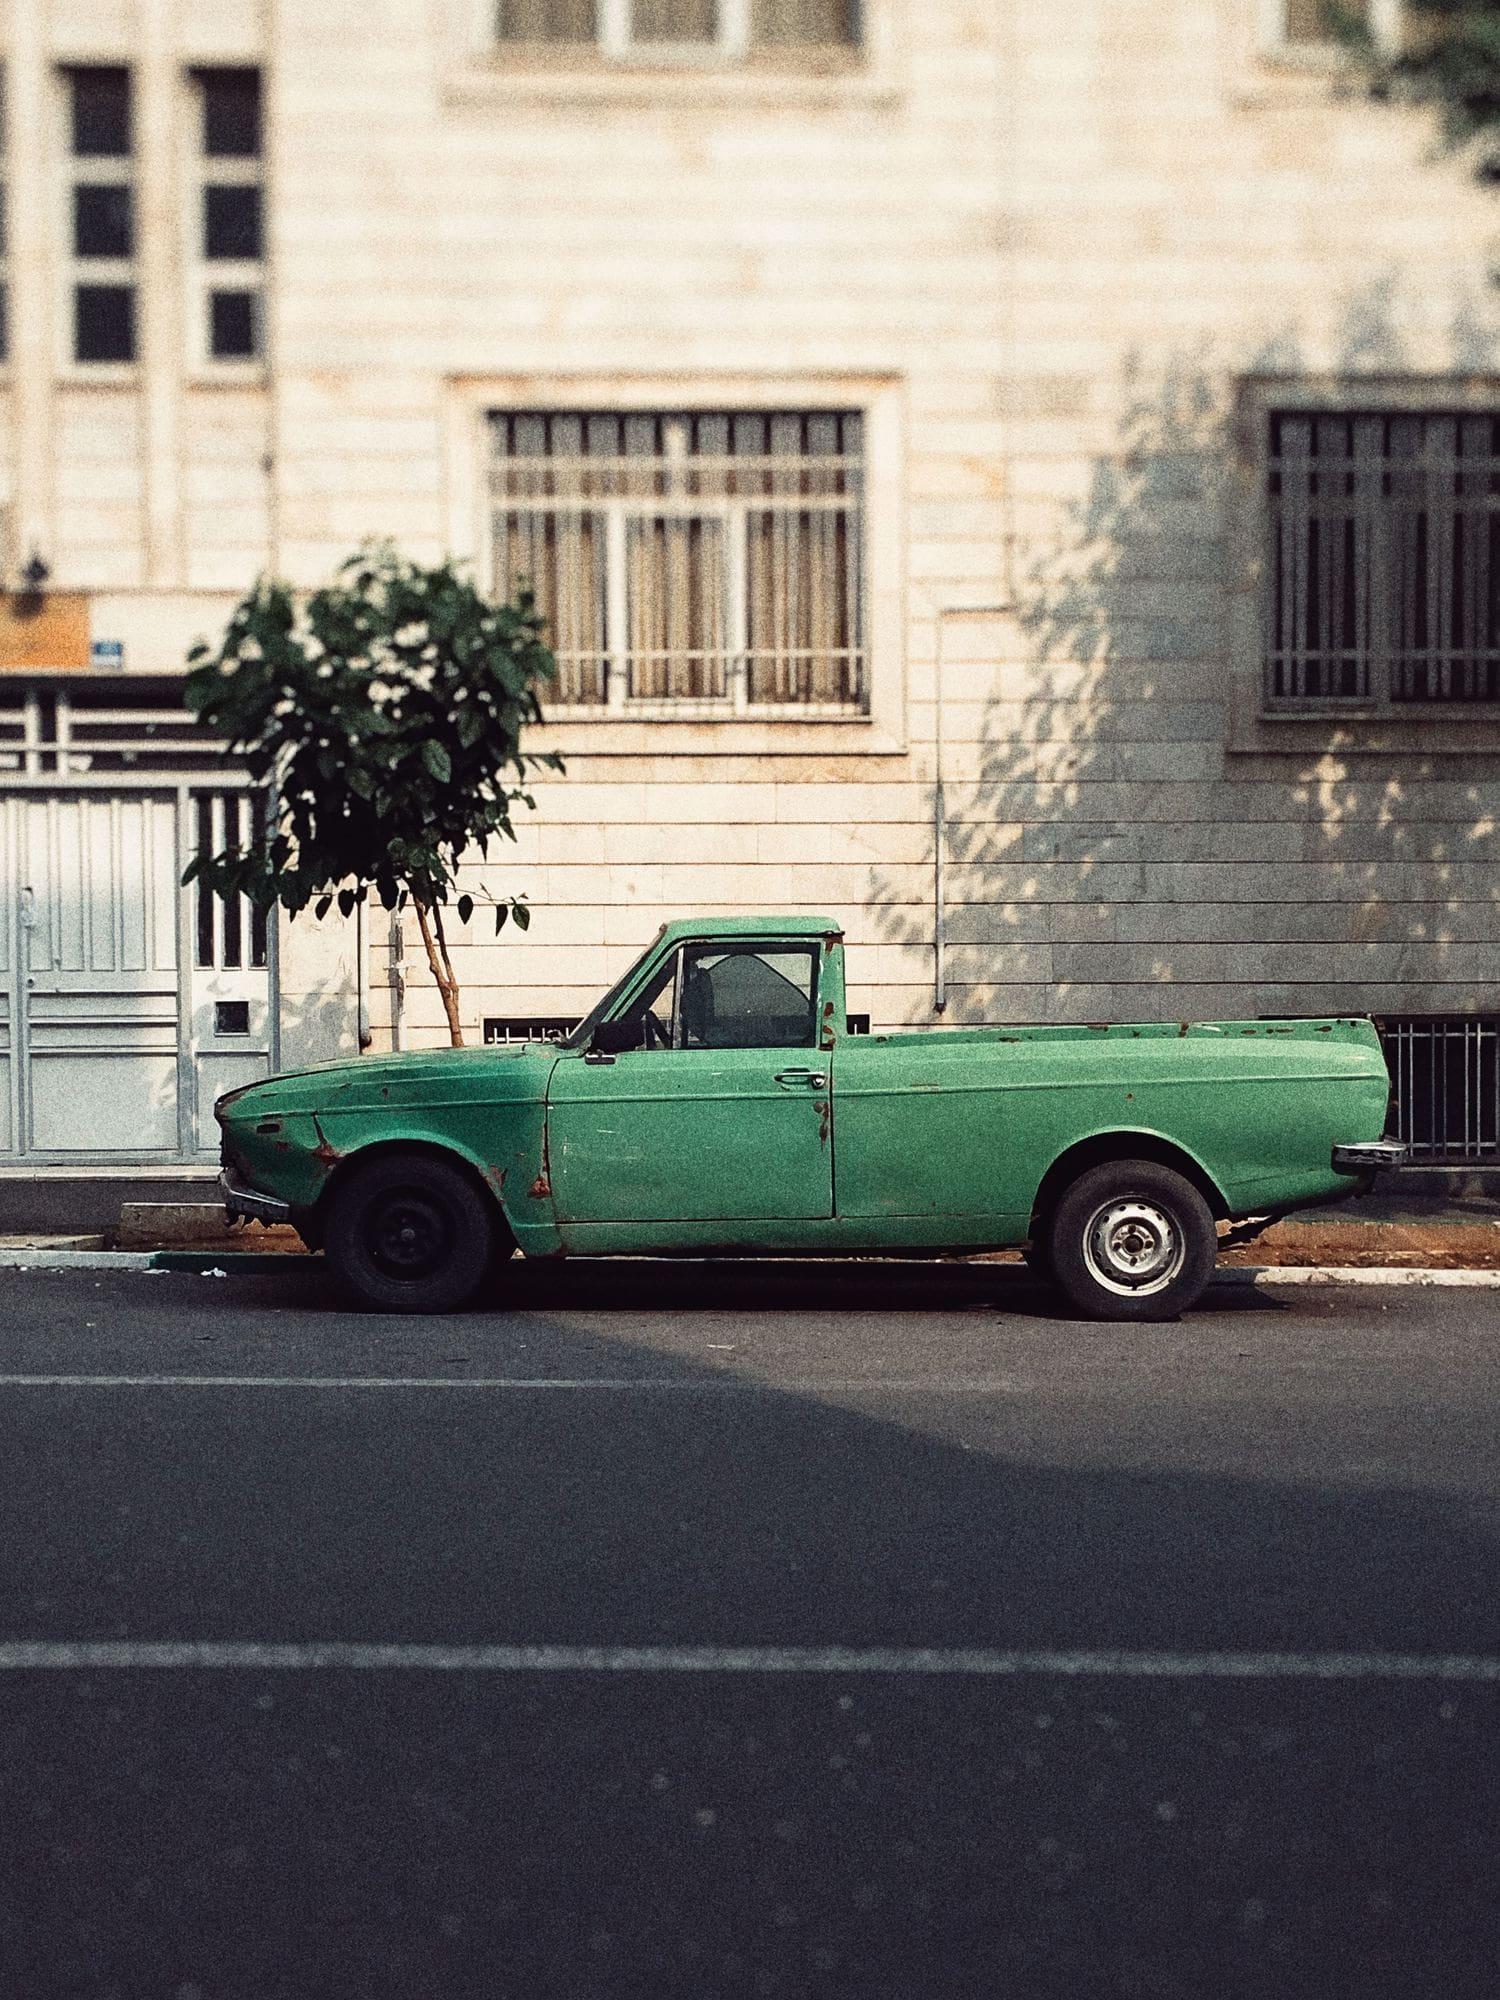 Camioneta verde aparcada